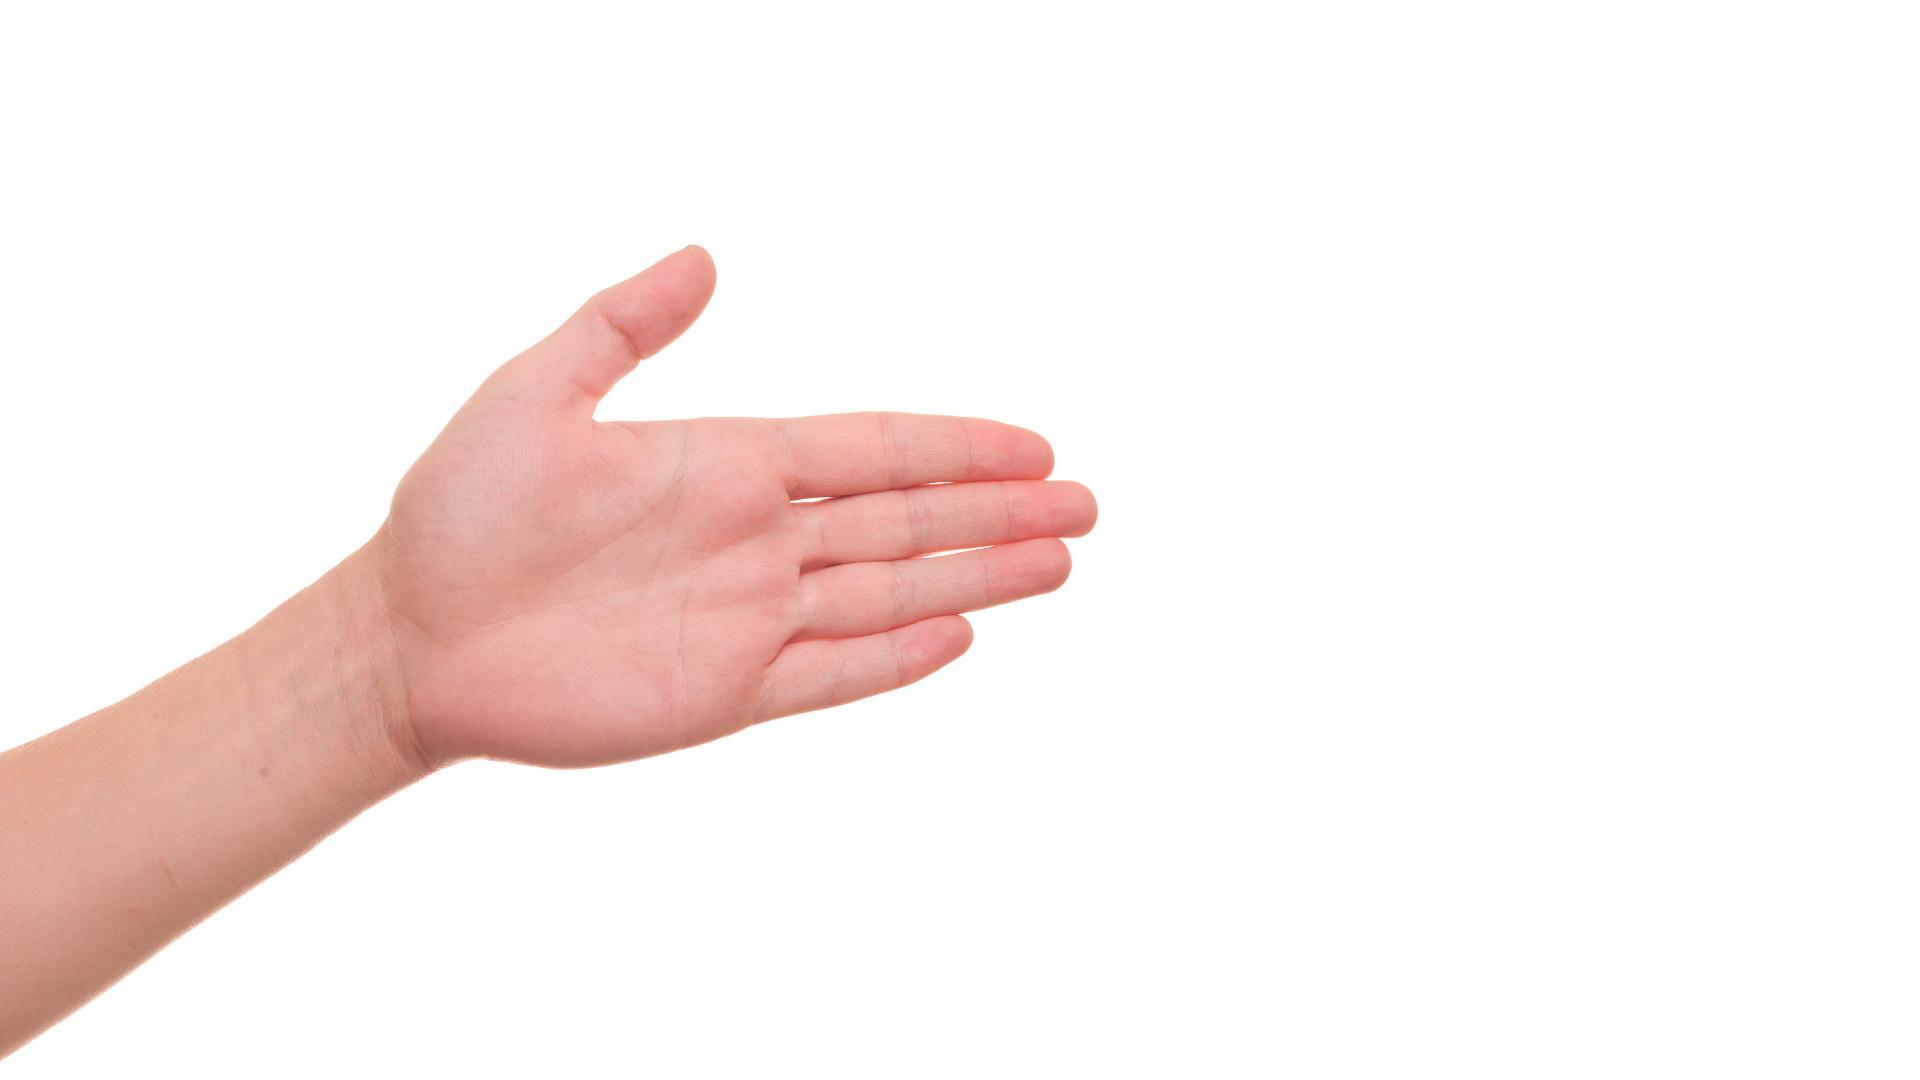 uitgestrekte hand